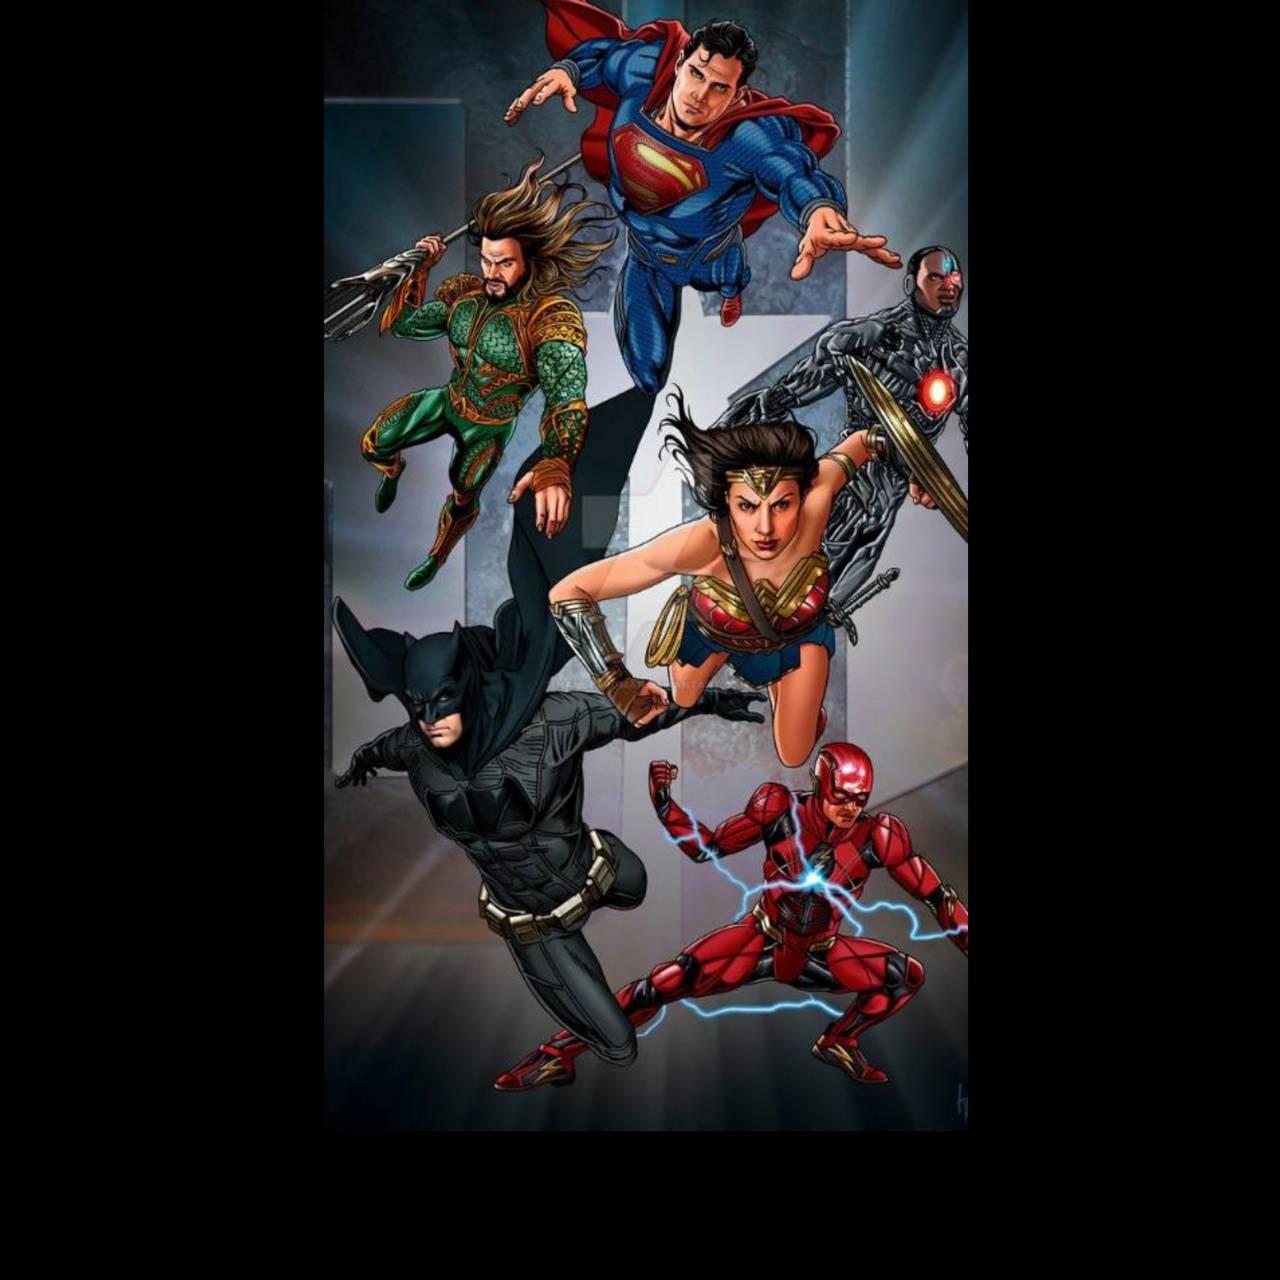 DC Justice League